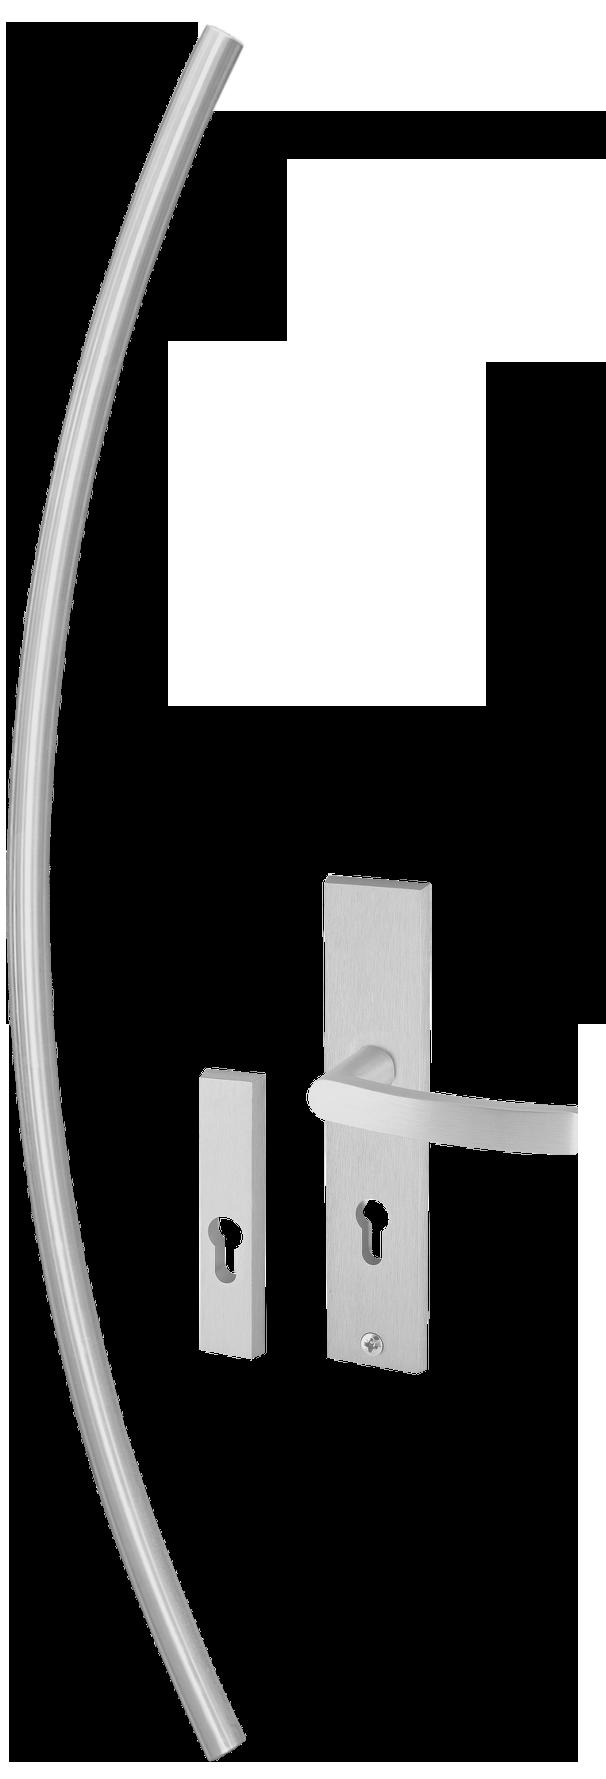 Kování AXA Monetreal zaoblené kulaté, klika AXA a rozety pro vchodové dveøe